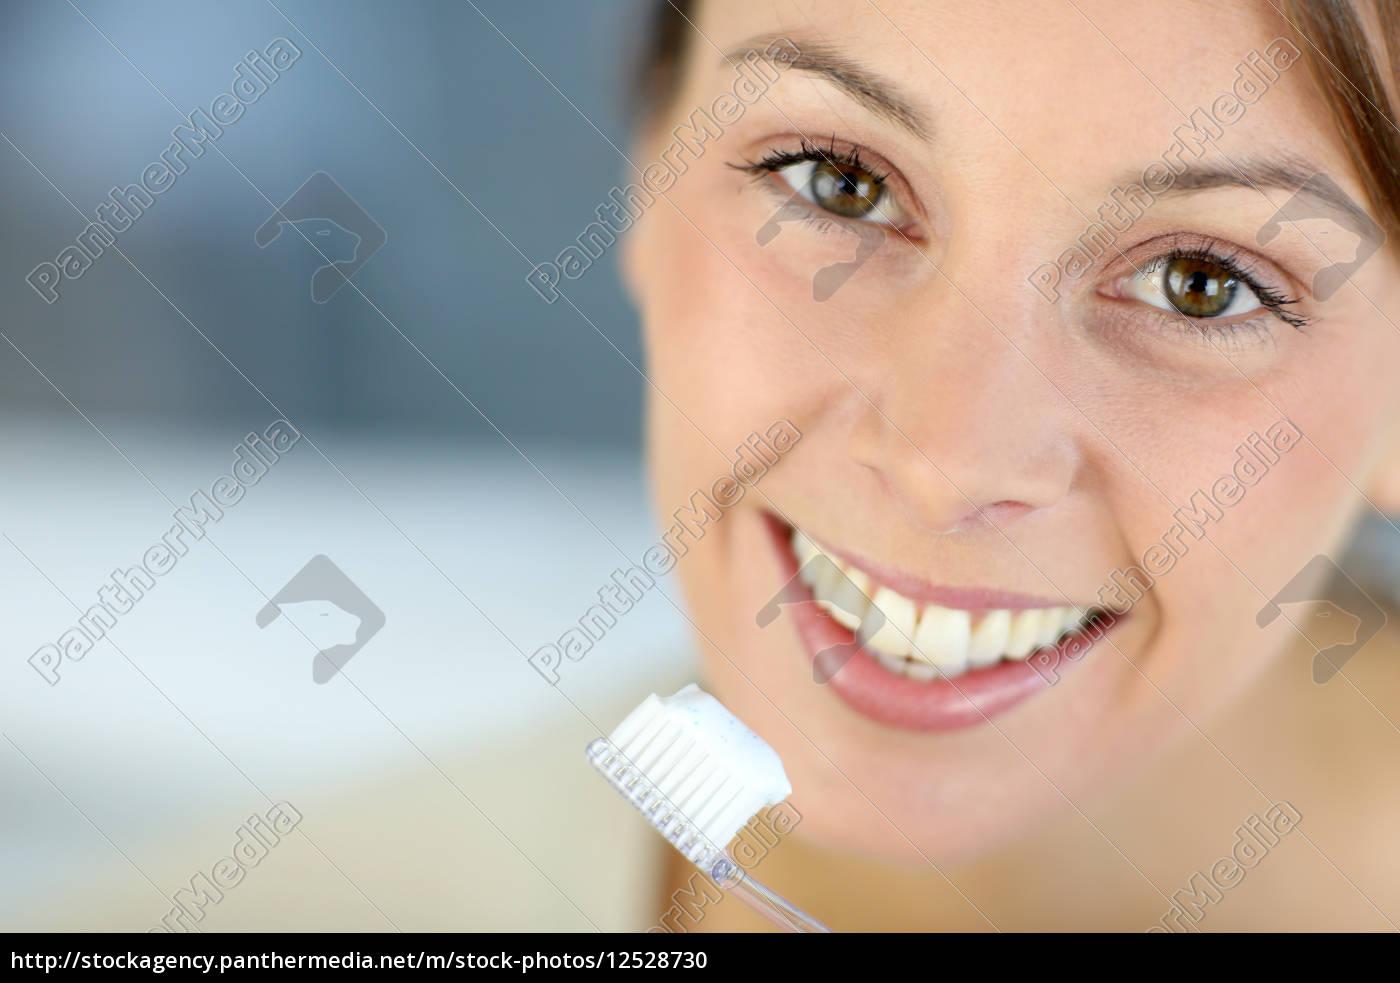 zbliżenie, na, ząbkowy, uśmiech, kobiety, mycie - 12528730